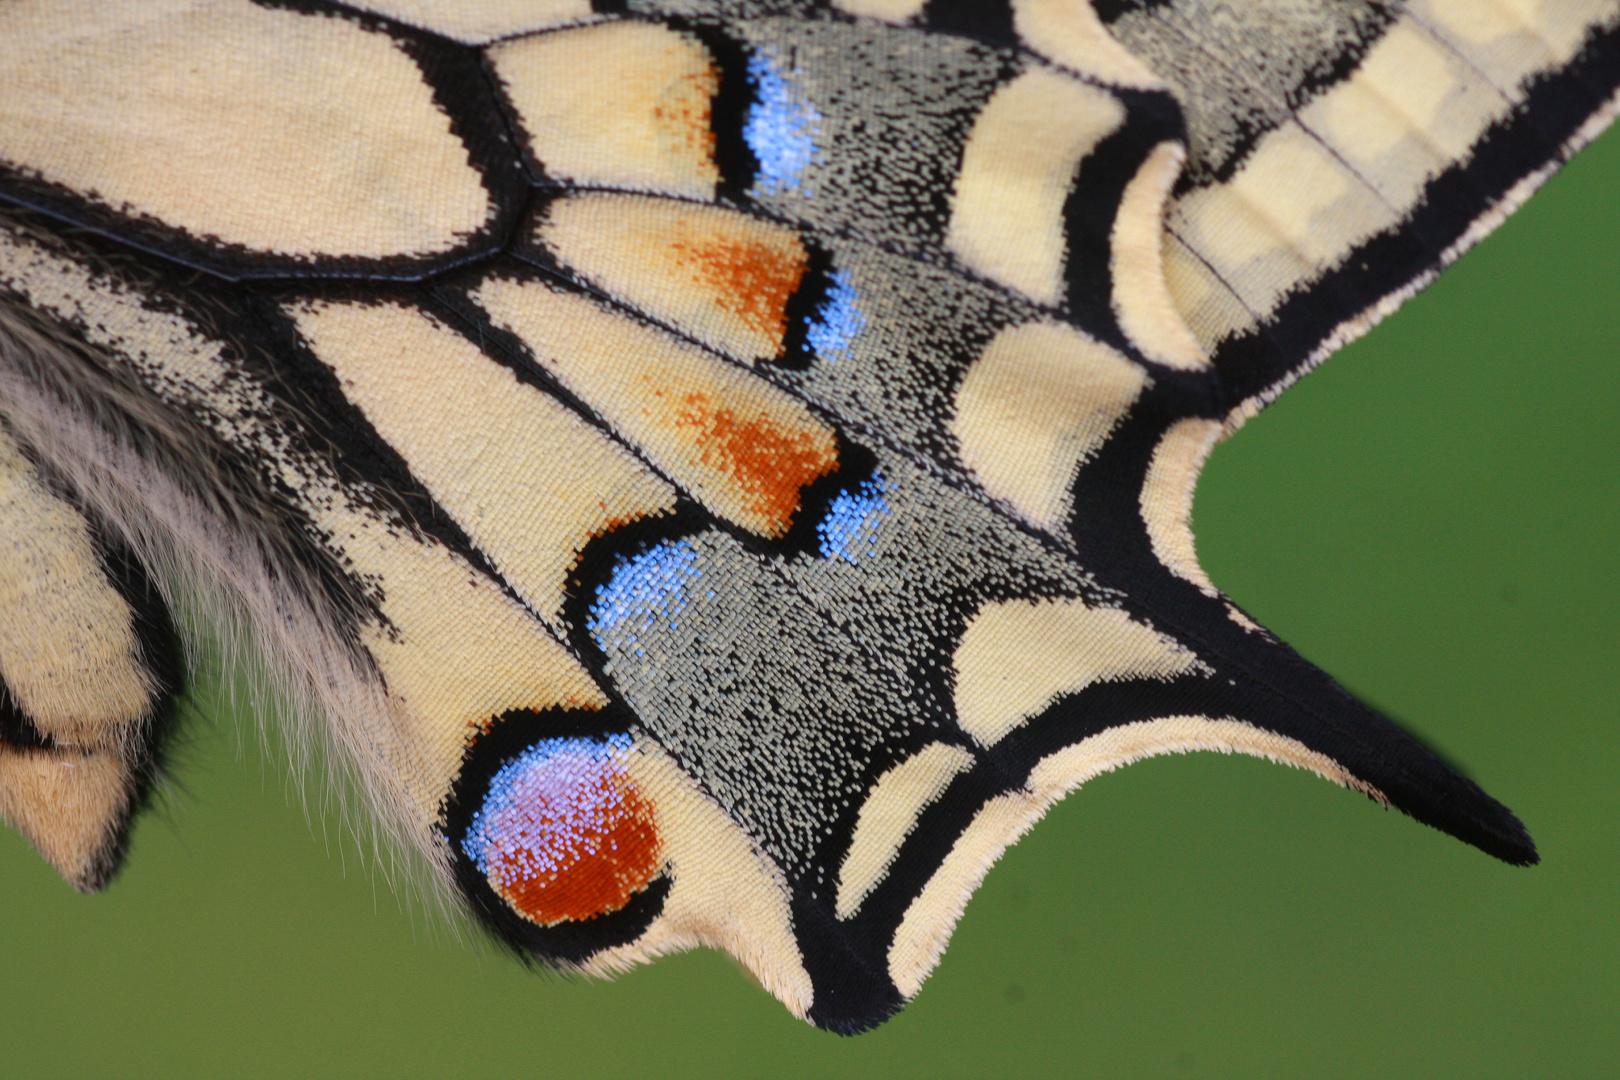 Schwalbenschwanz oder Old World Swallowtail (Papilio machaon) 4